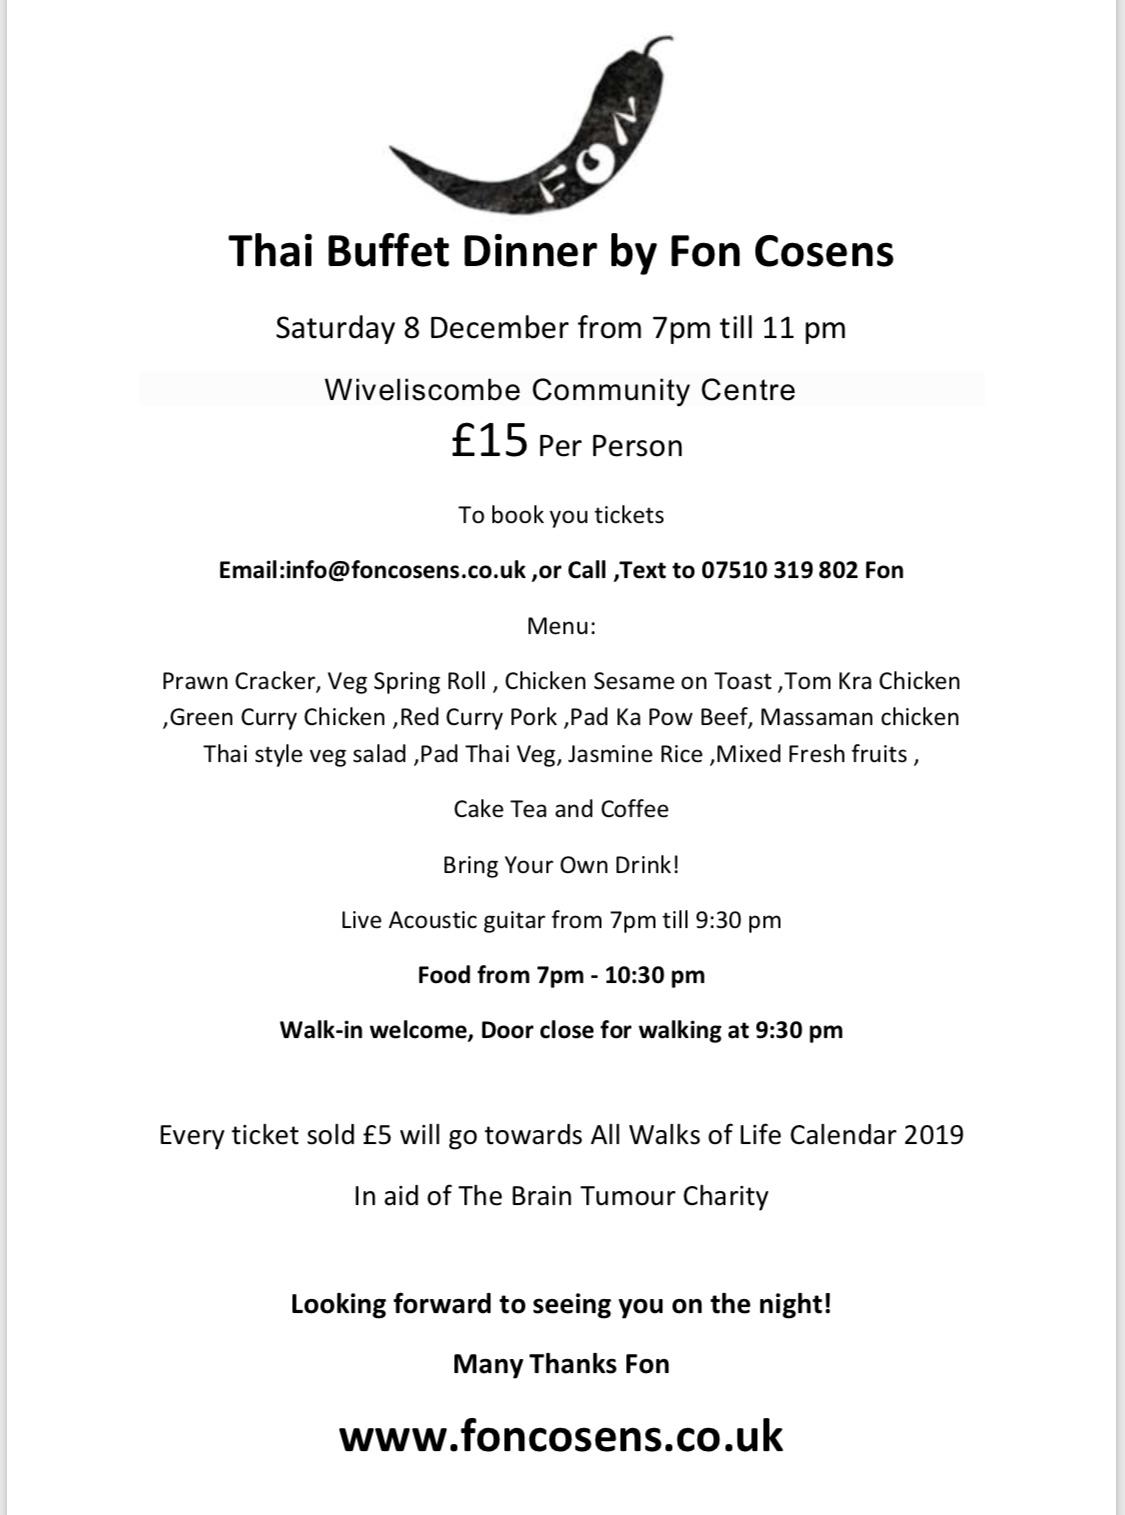 Thai Buffet dinner